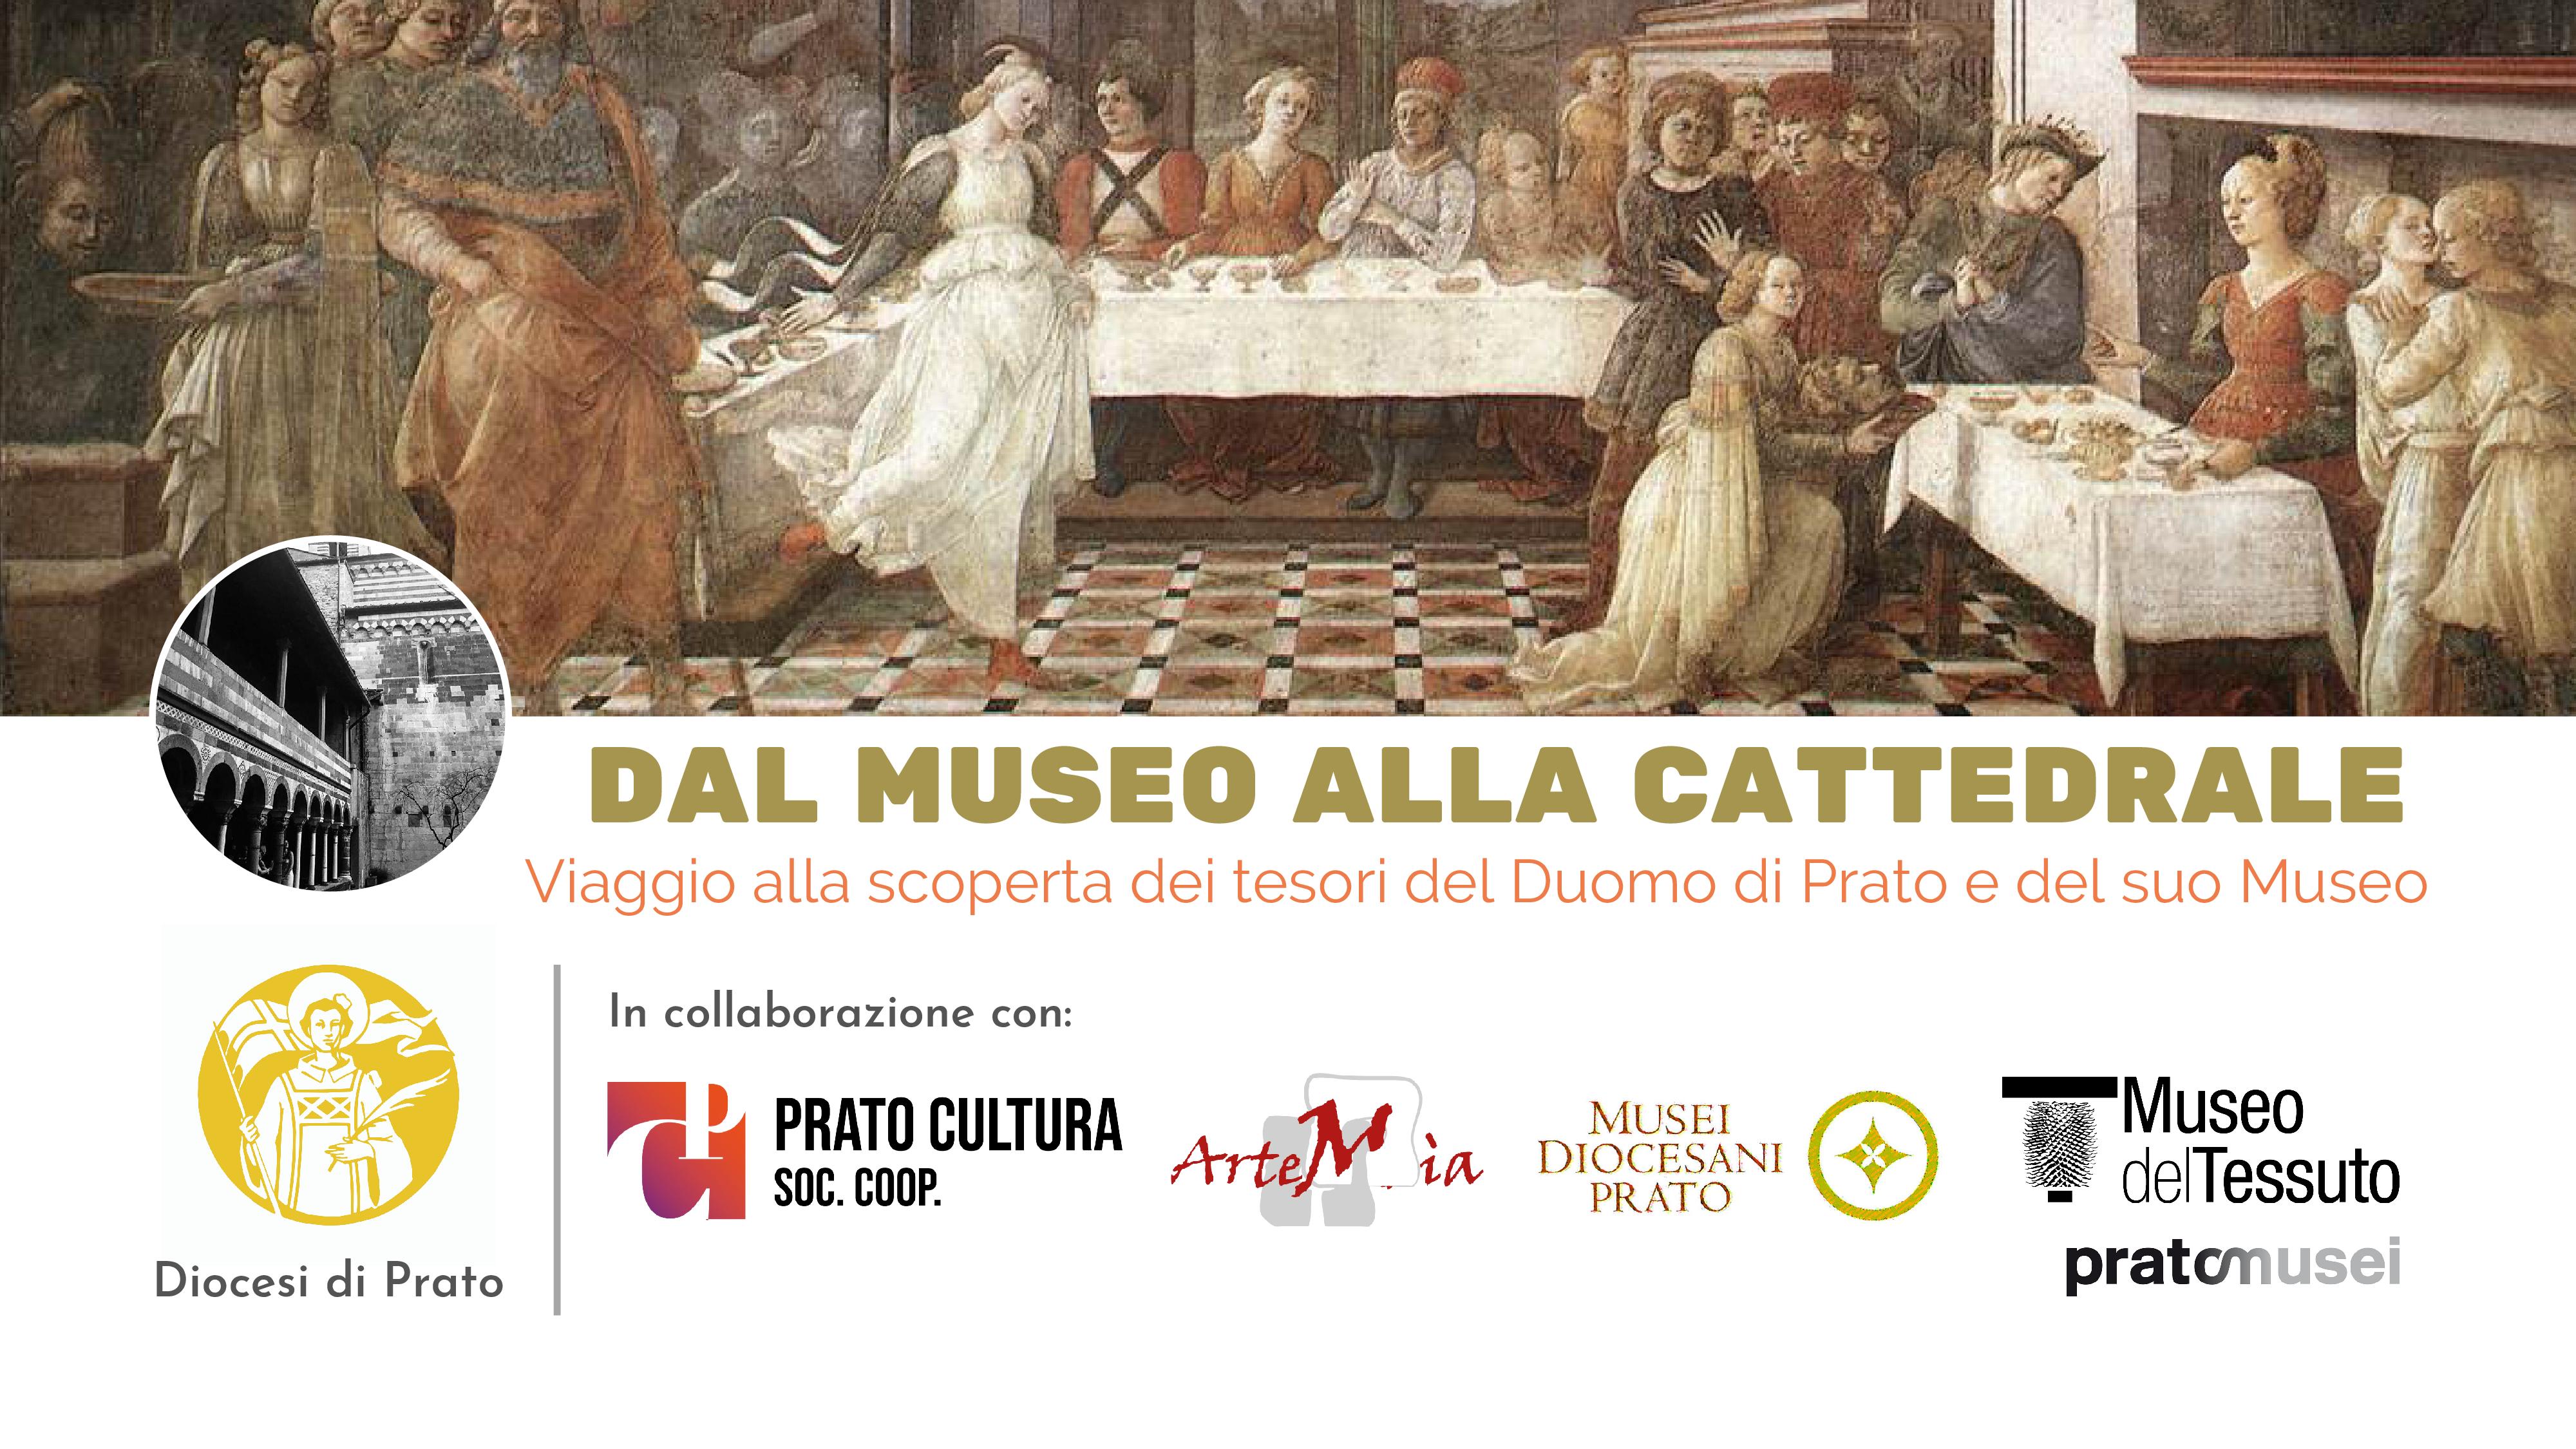 Visita: Dal Museo alla Cattedrale. Viaggio alla scoperta dei tesori del Duomo di Prato